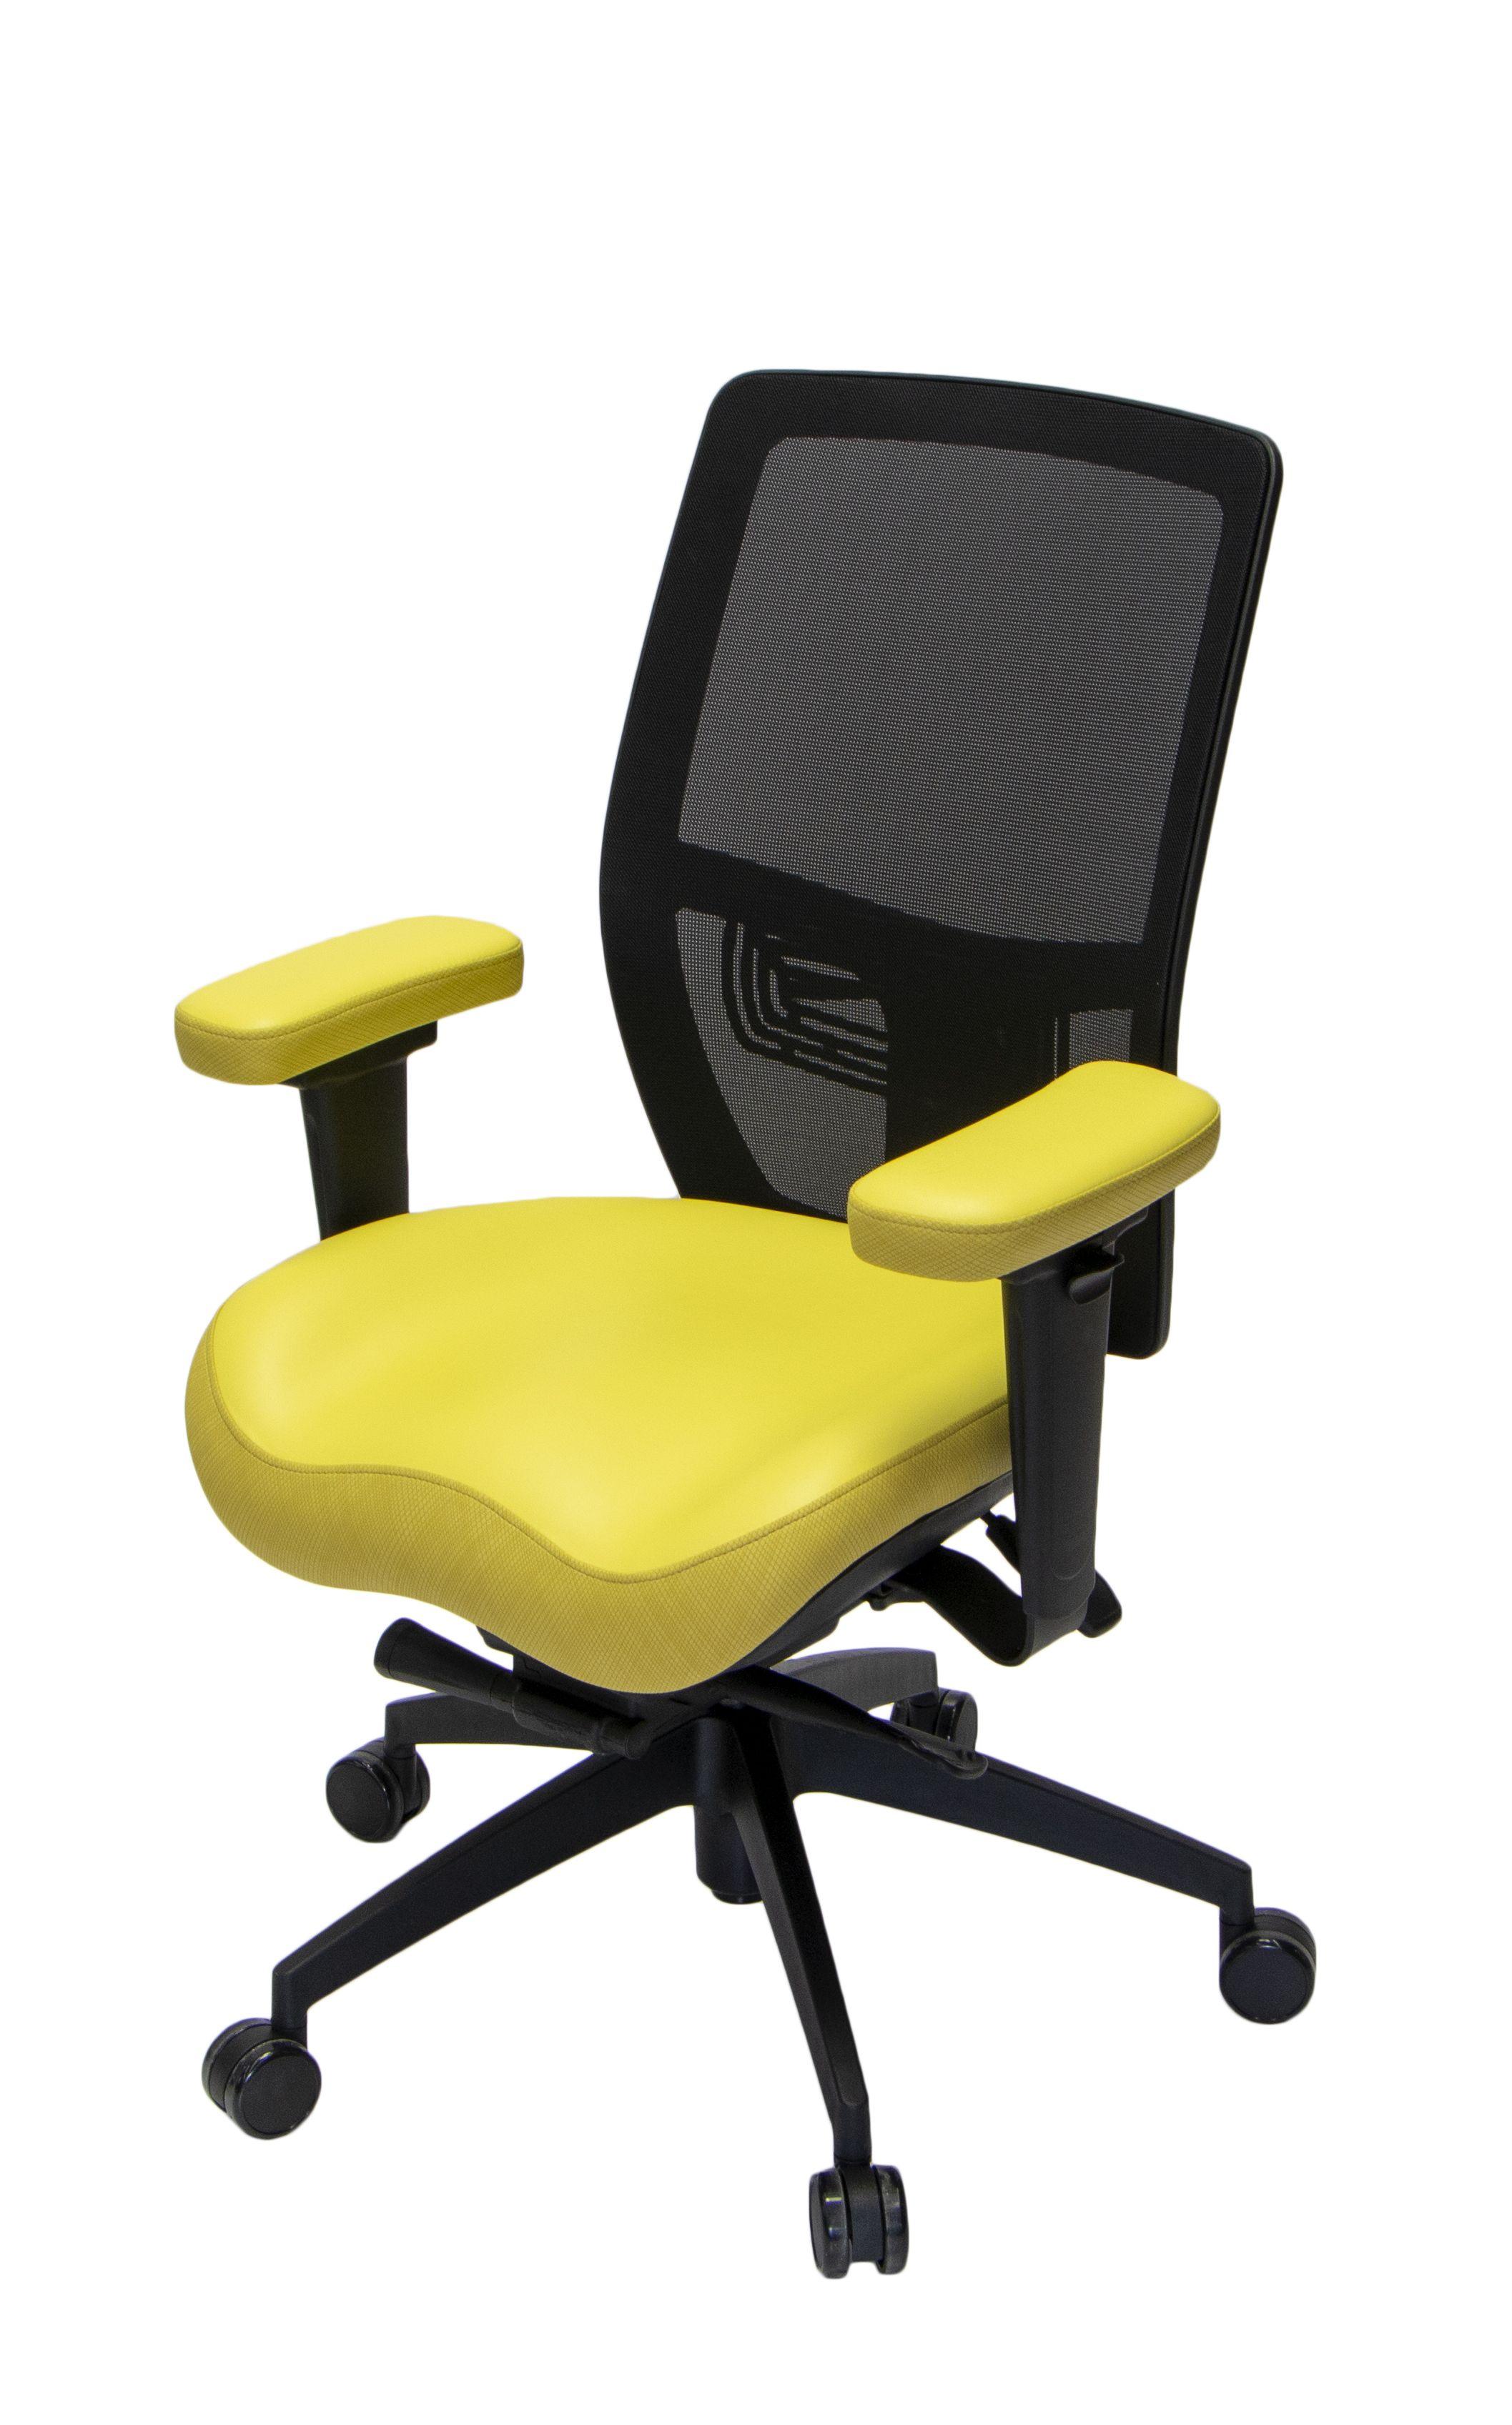 Cosmopolitan 320 Chair, Desk chair, Decor